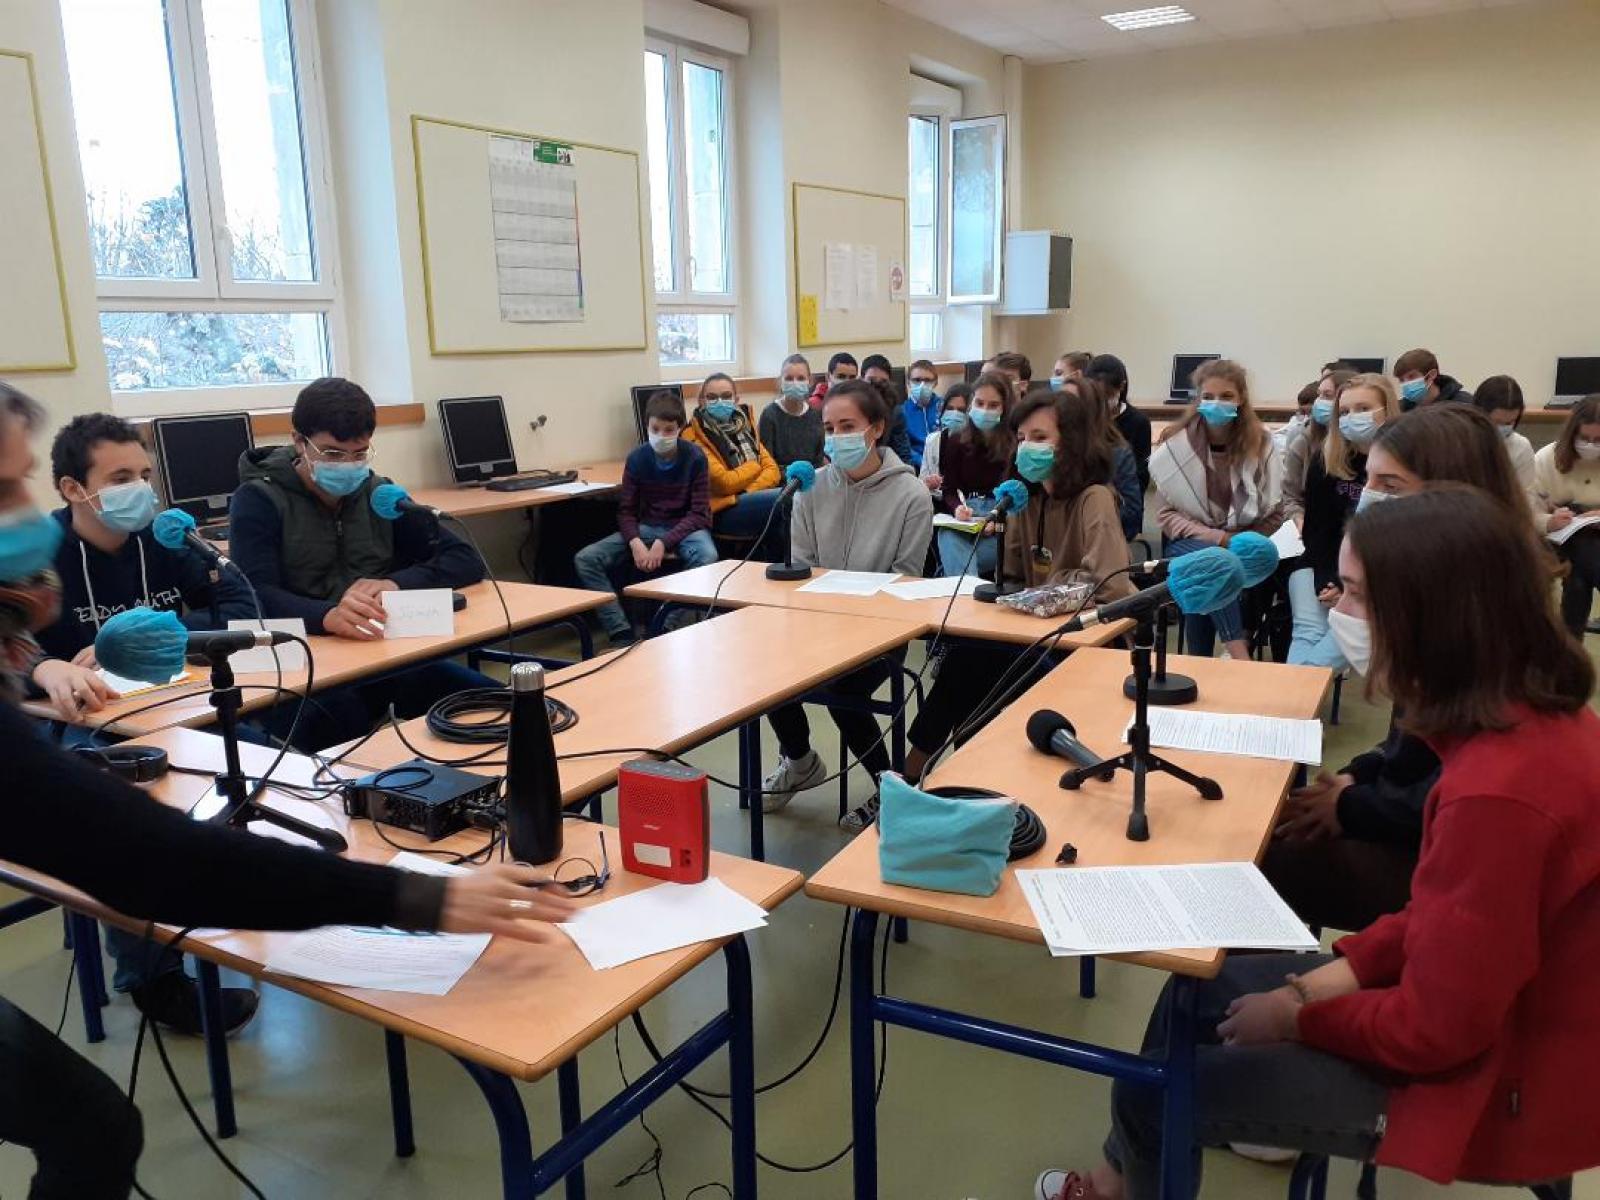 Visuel : La classe de 3°3 à la radio avec RCF